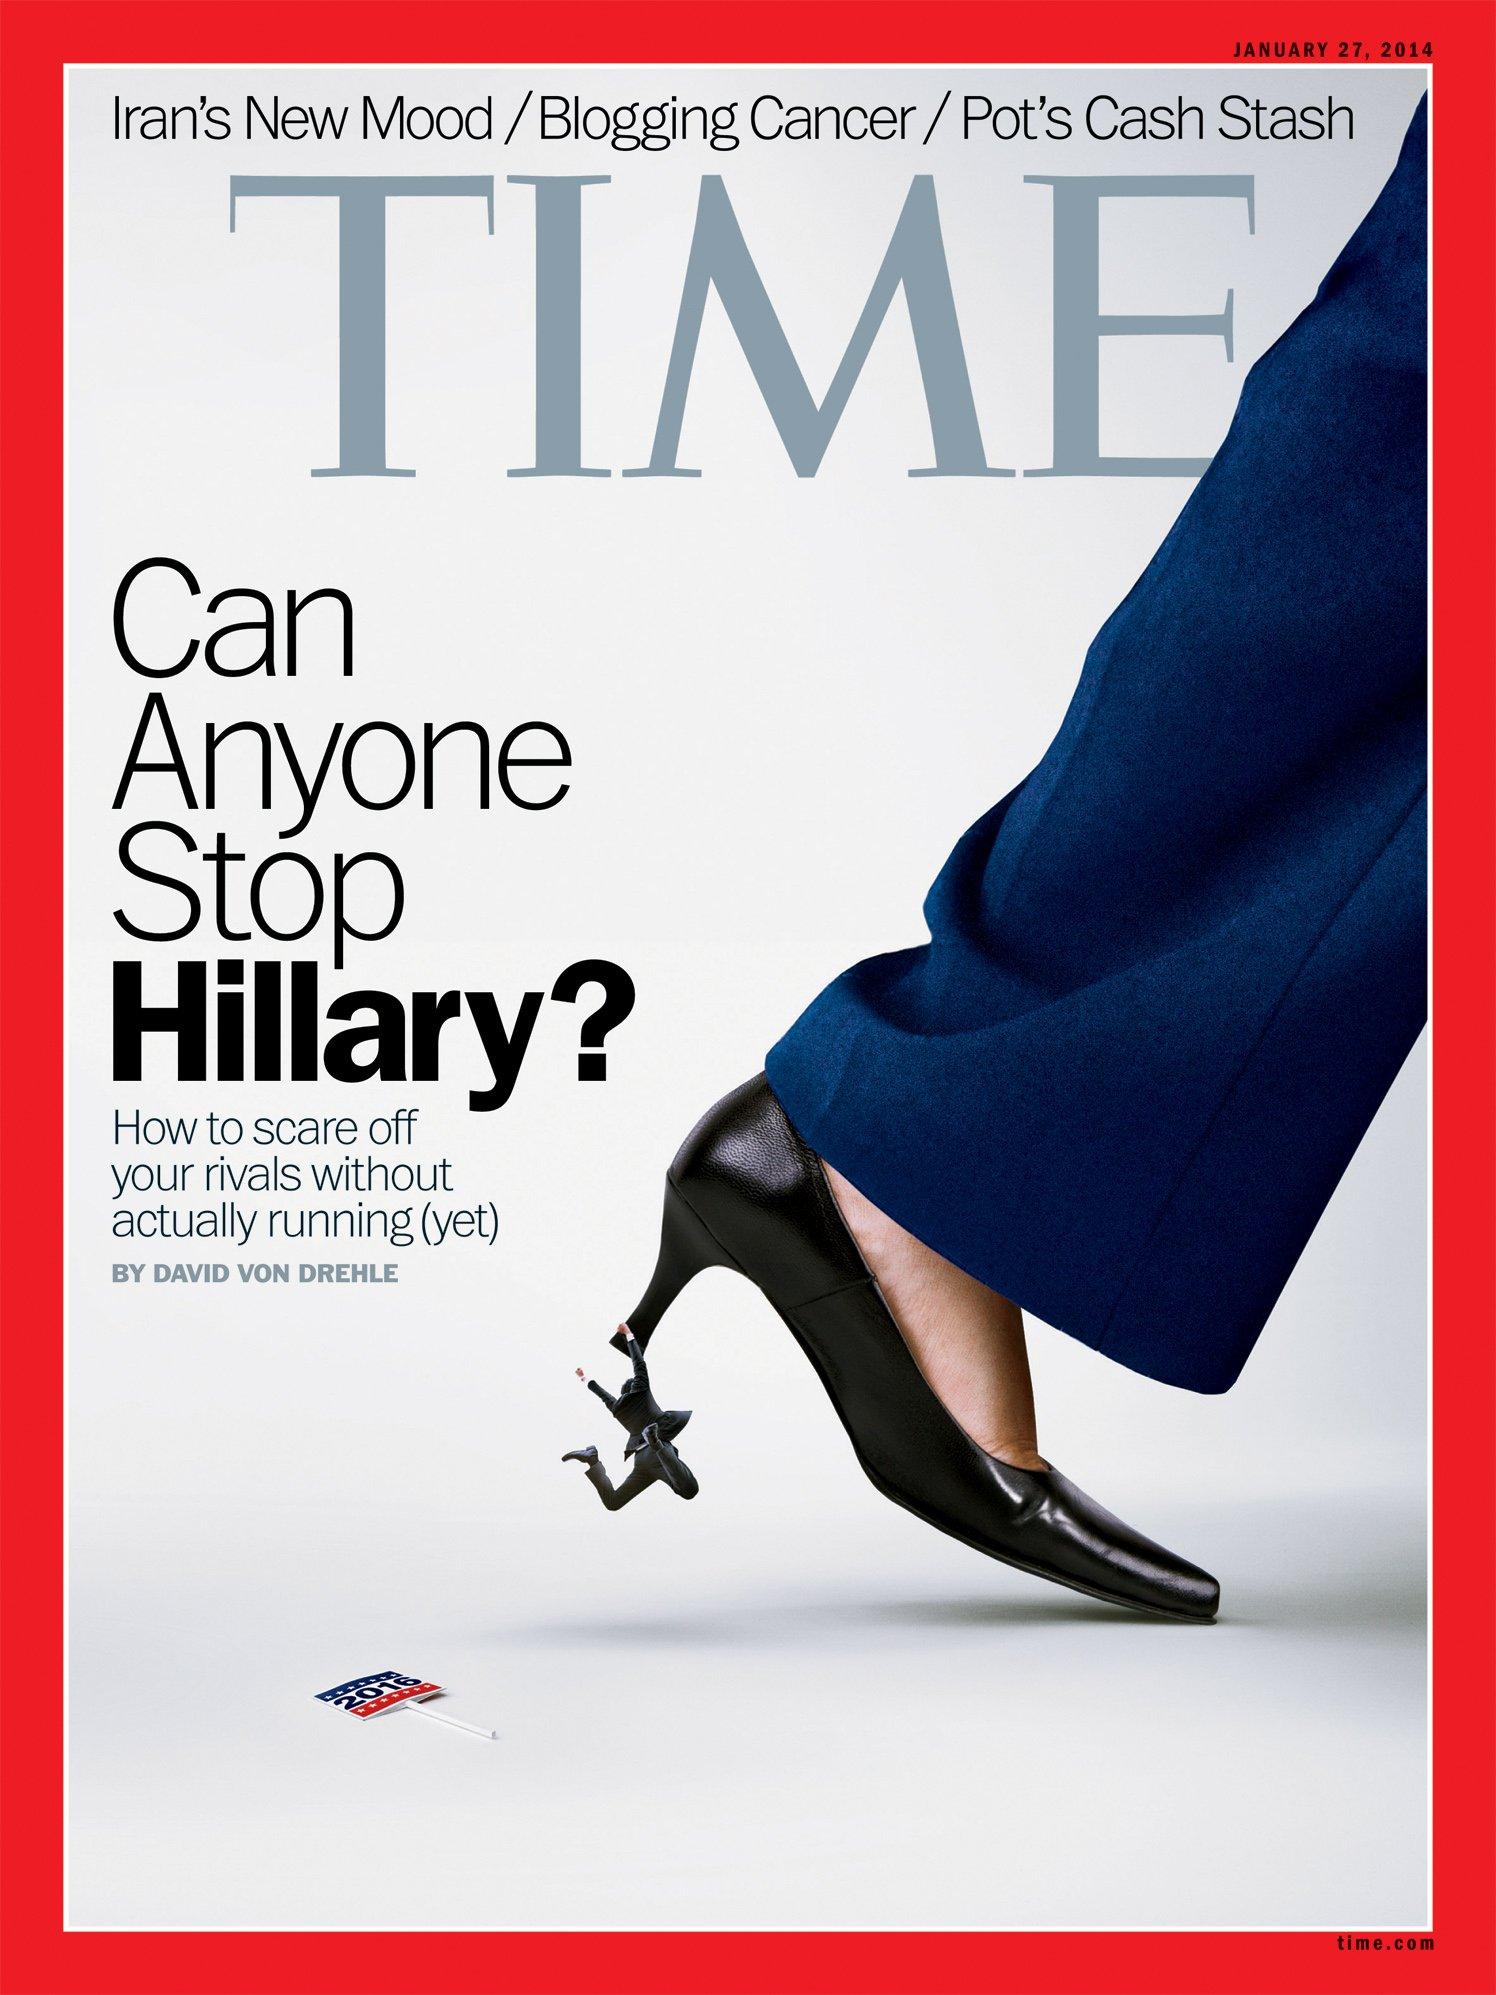 La couverture du Time Magazine du 27 janvier 2014 utilise, comme beaucoup d'autres journaux, le talon pour figurer une féminité écrasante, habituellement associée aux working girls. © Justin Metz